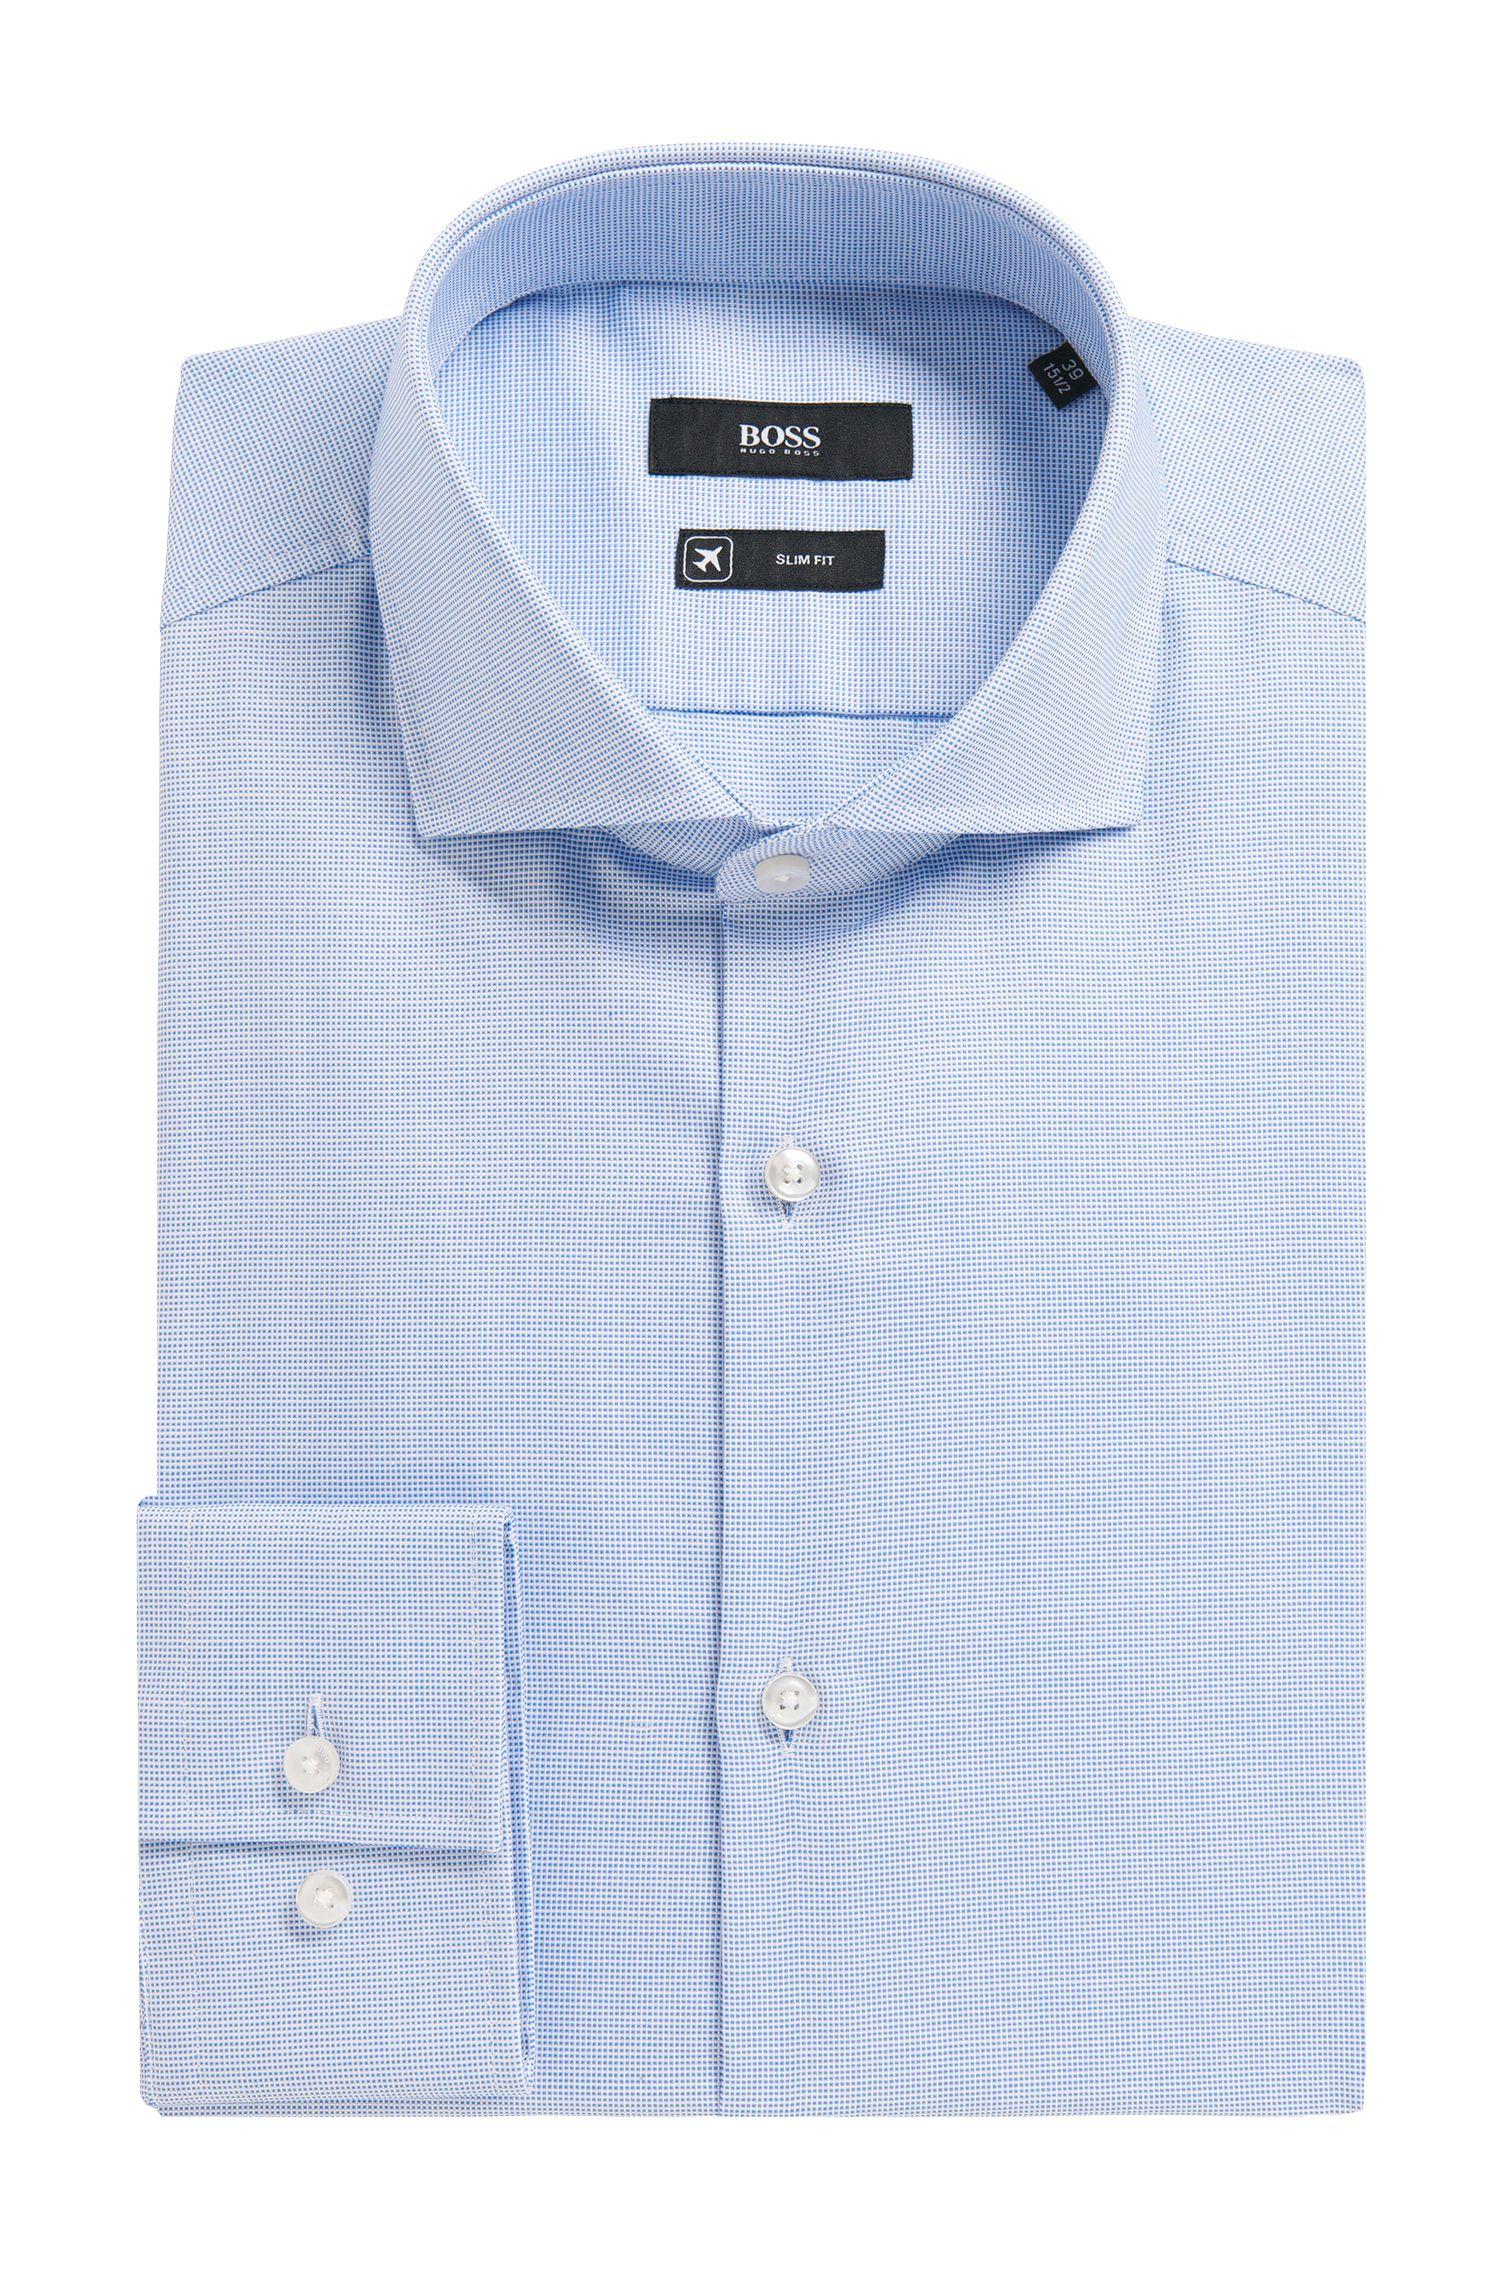 'Jason' | Slim Fit, Fresh Active Traveler Dress Shirt